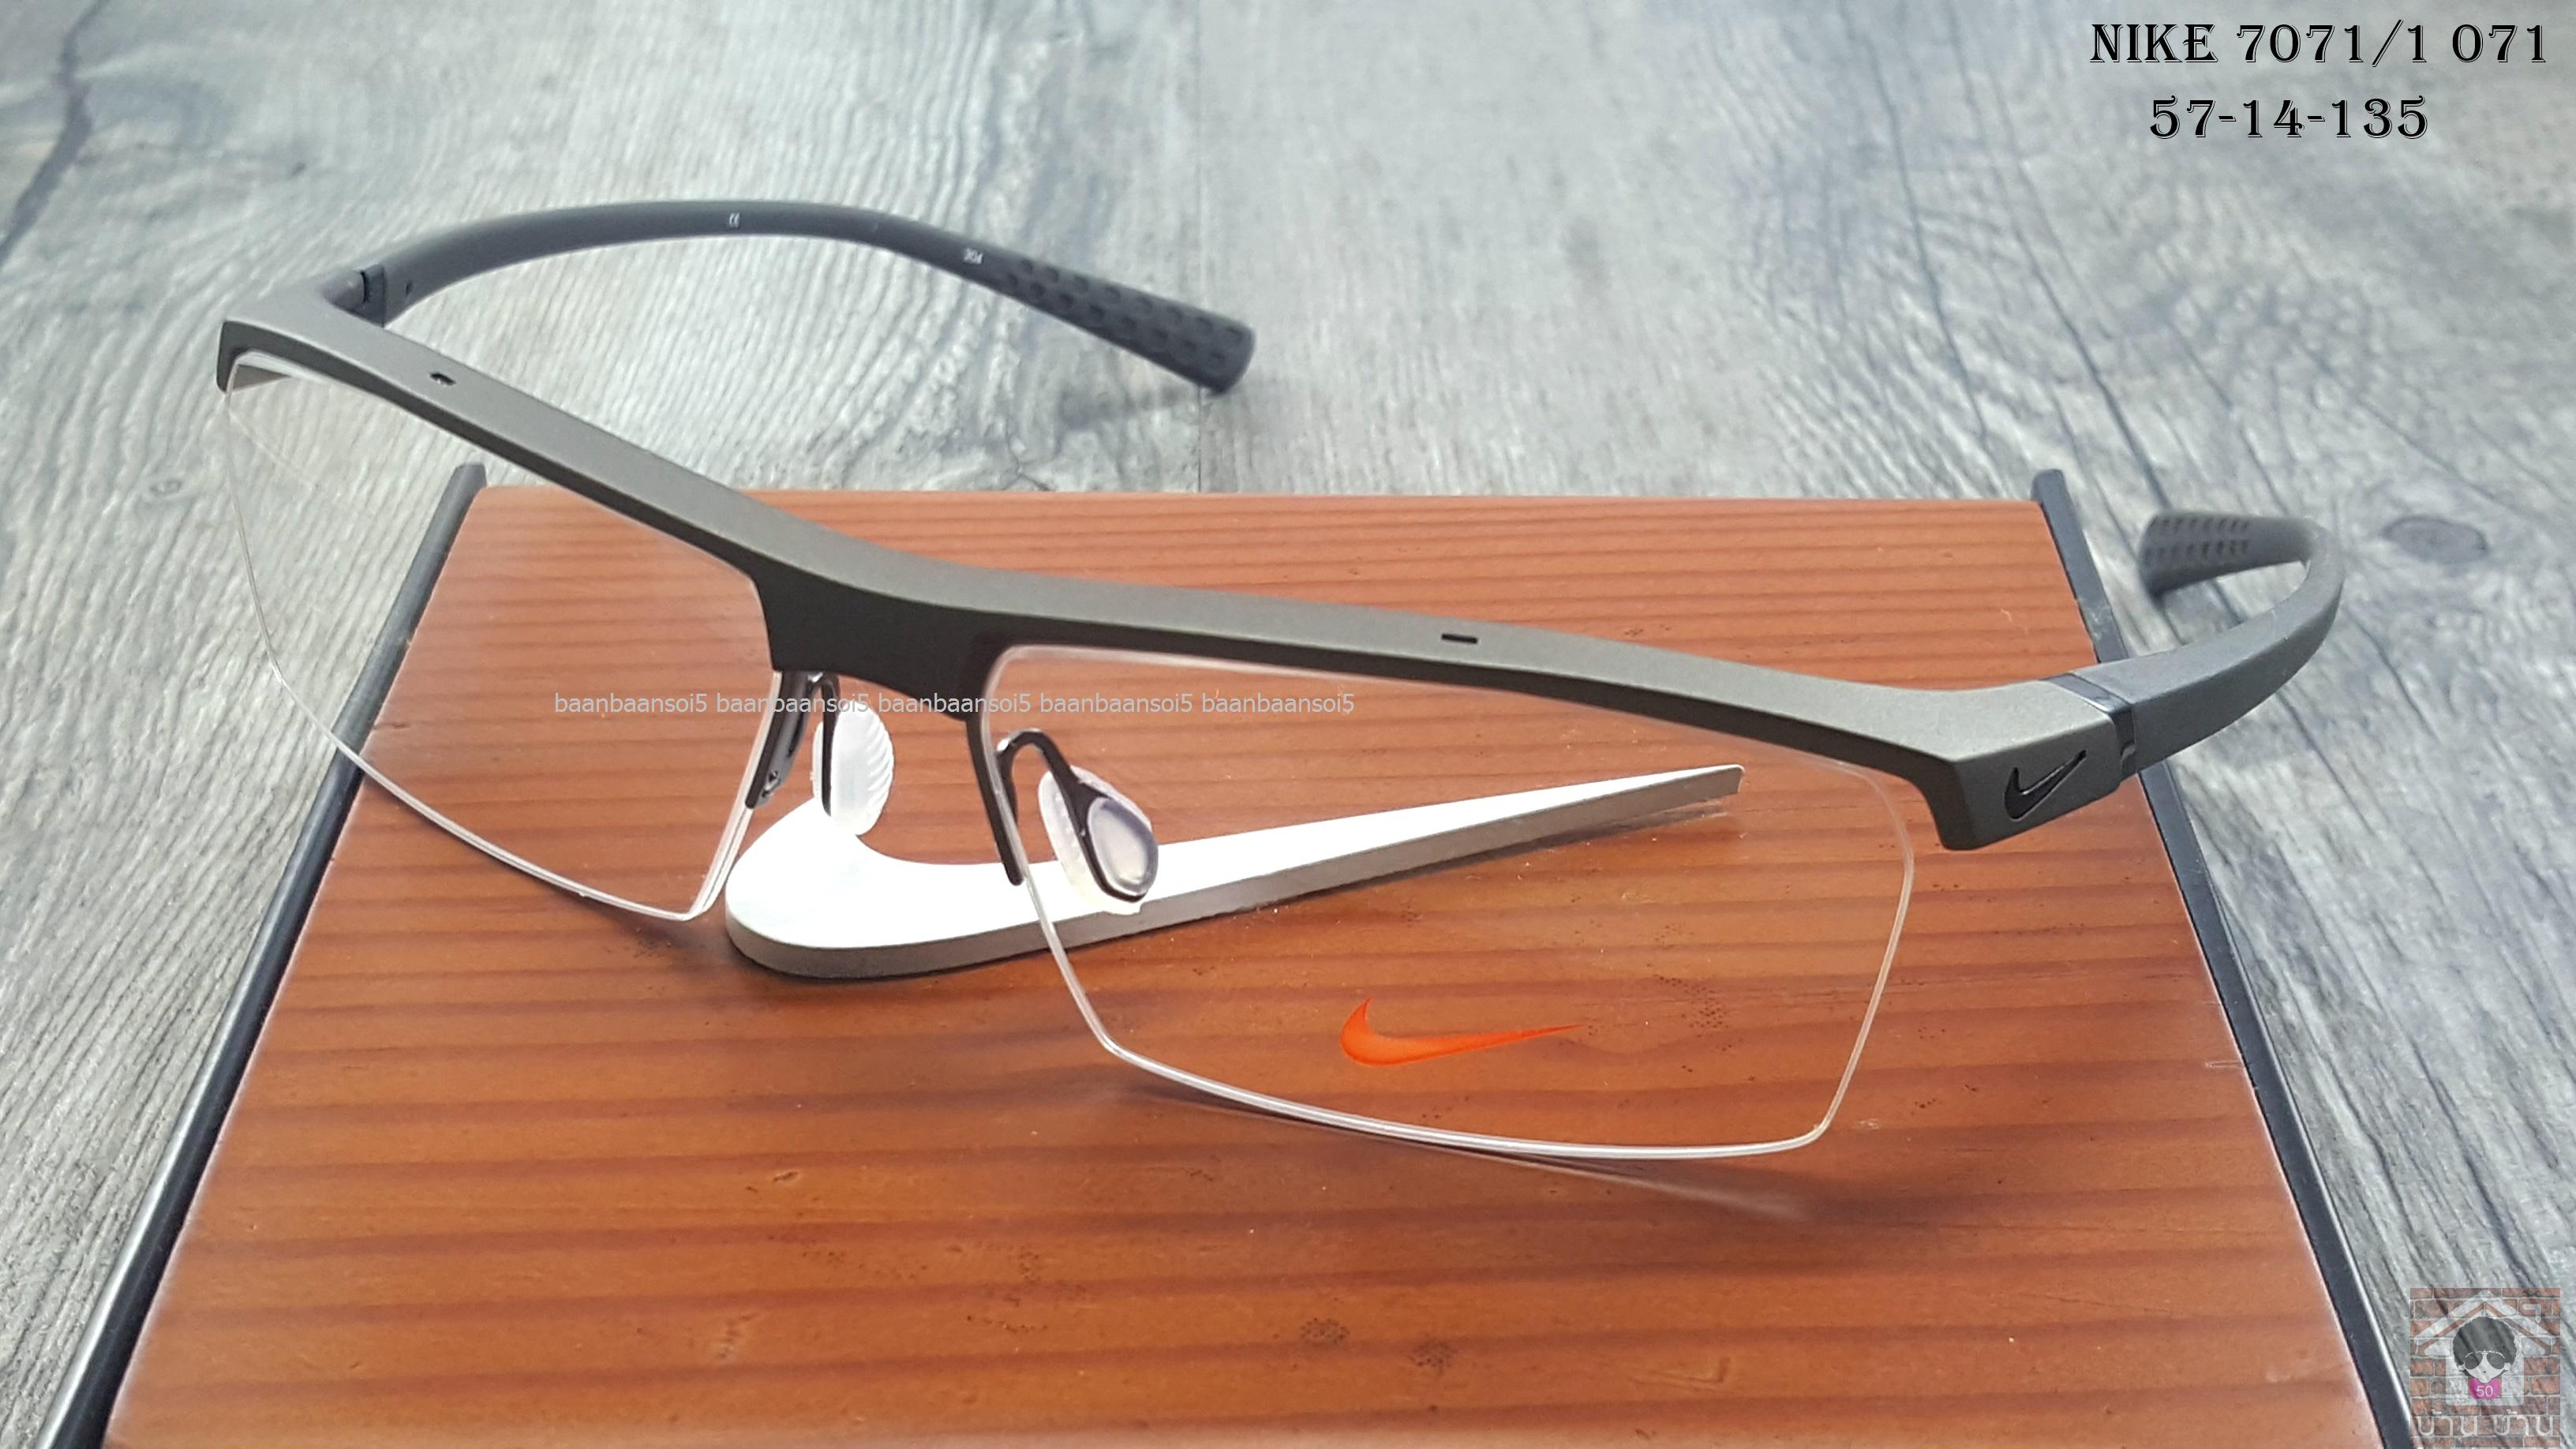 NIKE BRAND ORIGINALแท้ 7071/1 071 กรอบแว่นตาพร้อมเลนส์ มัลติโค๊ตHOYA ป้องกันรังสีคอม 4,200 บาท